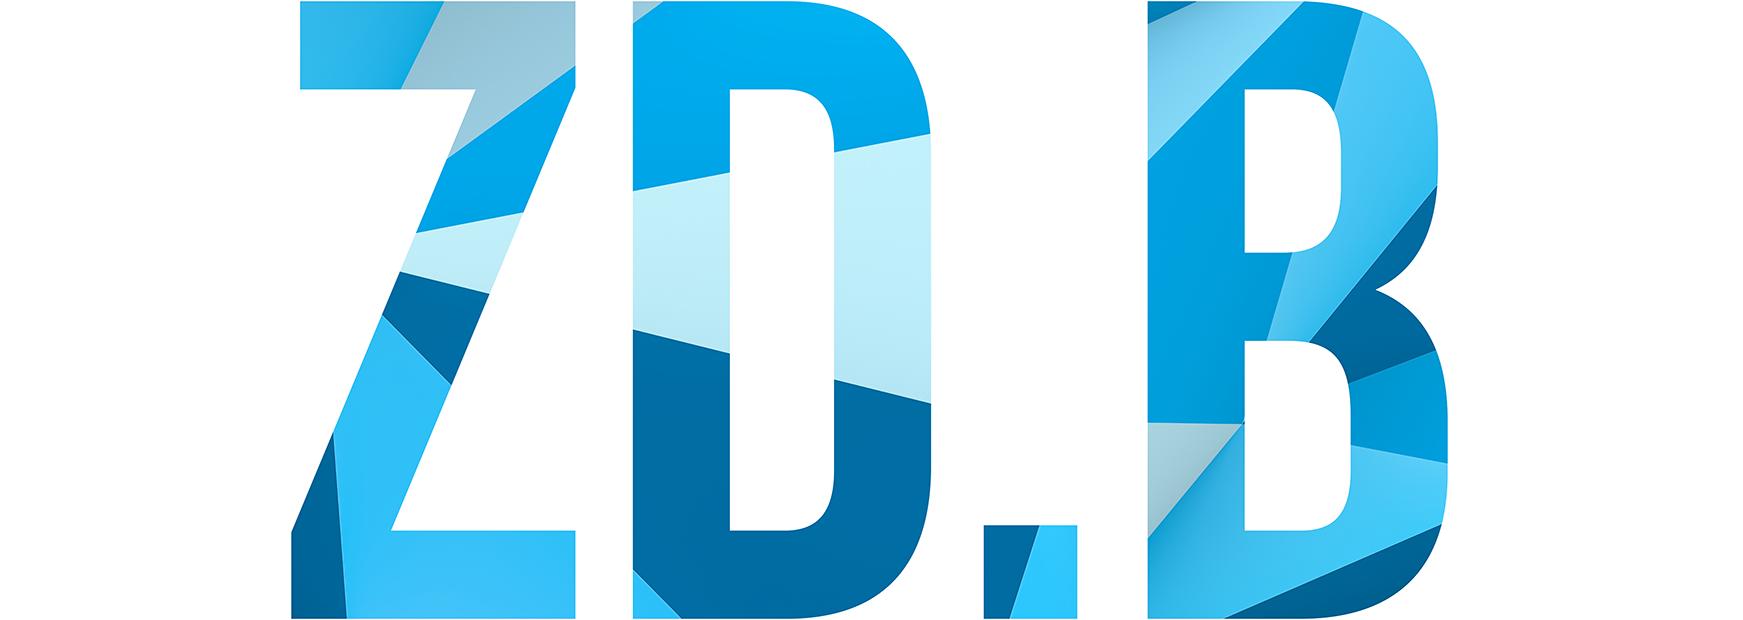 zdb_logo_rgb